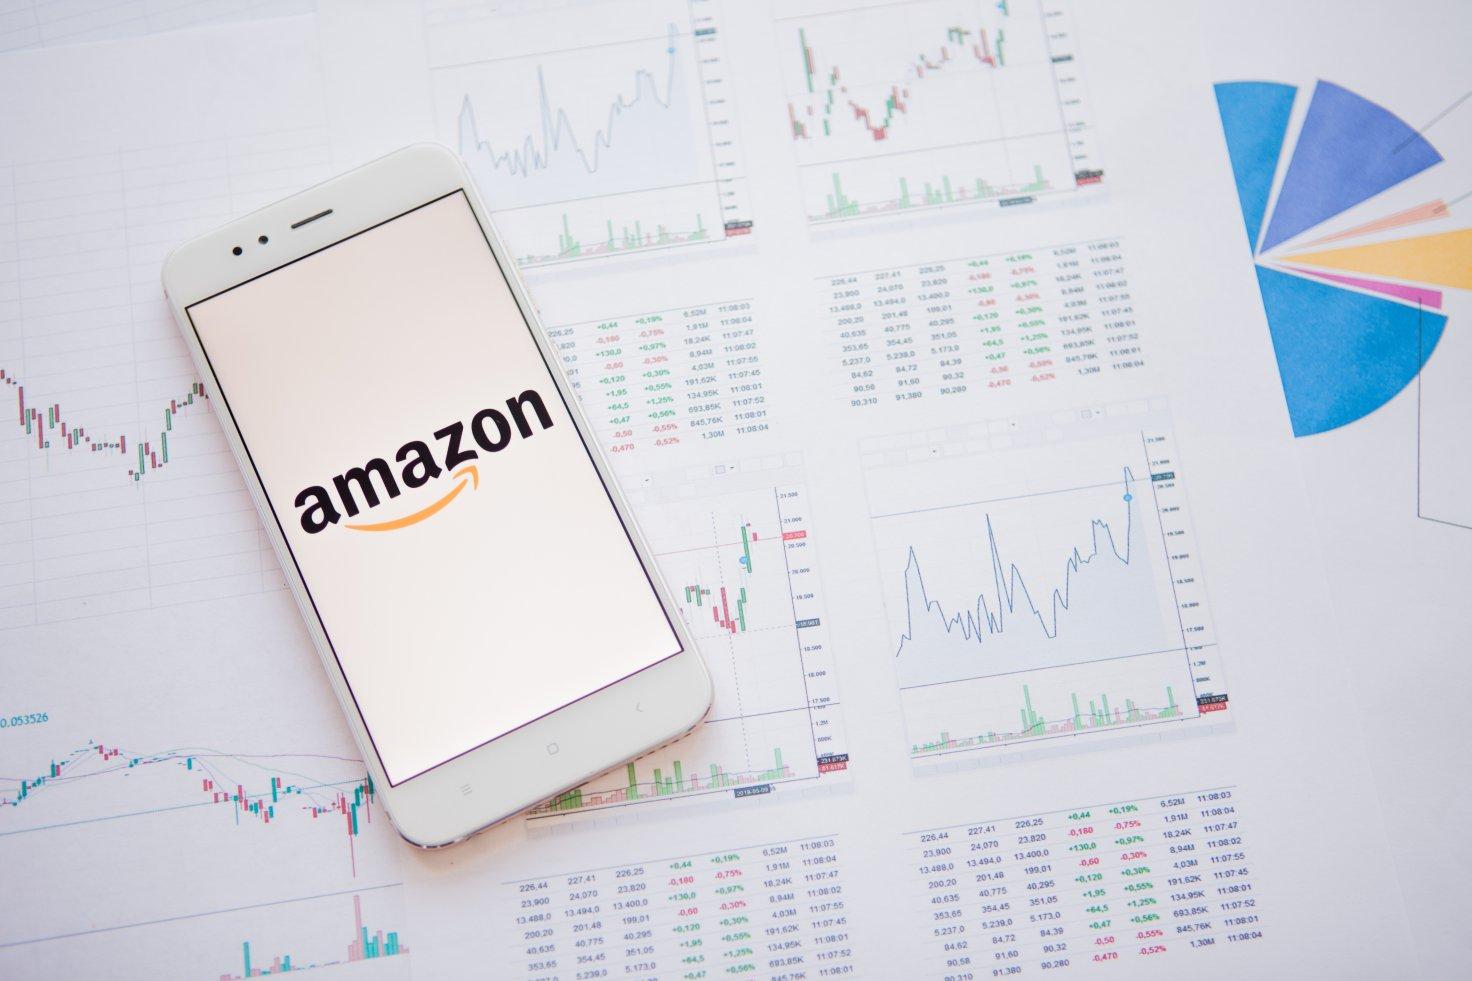 Amazon stock analysis